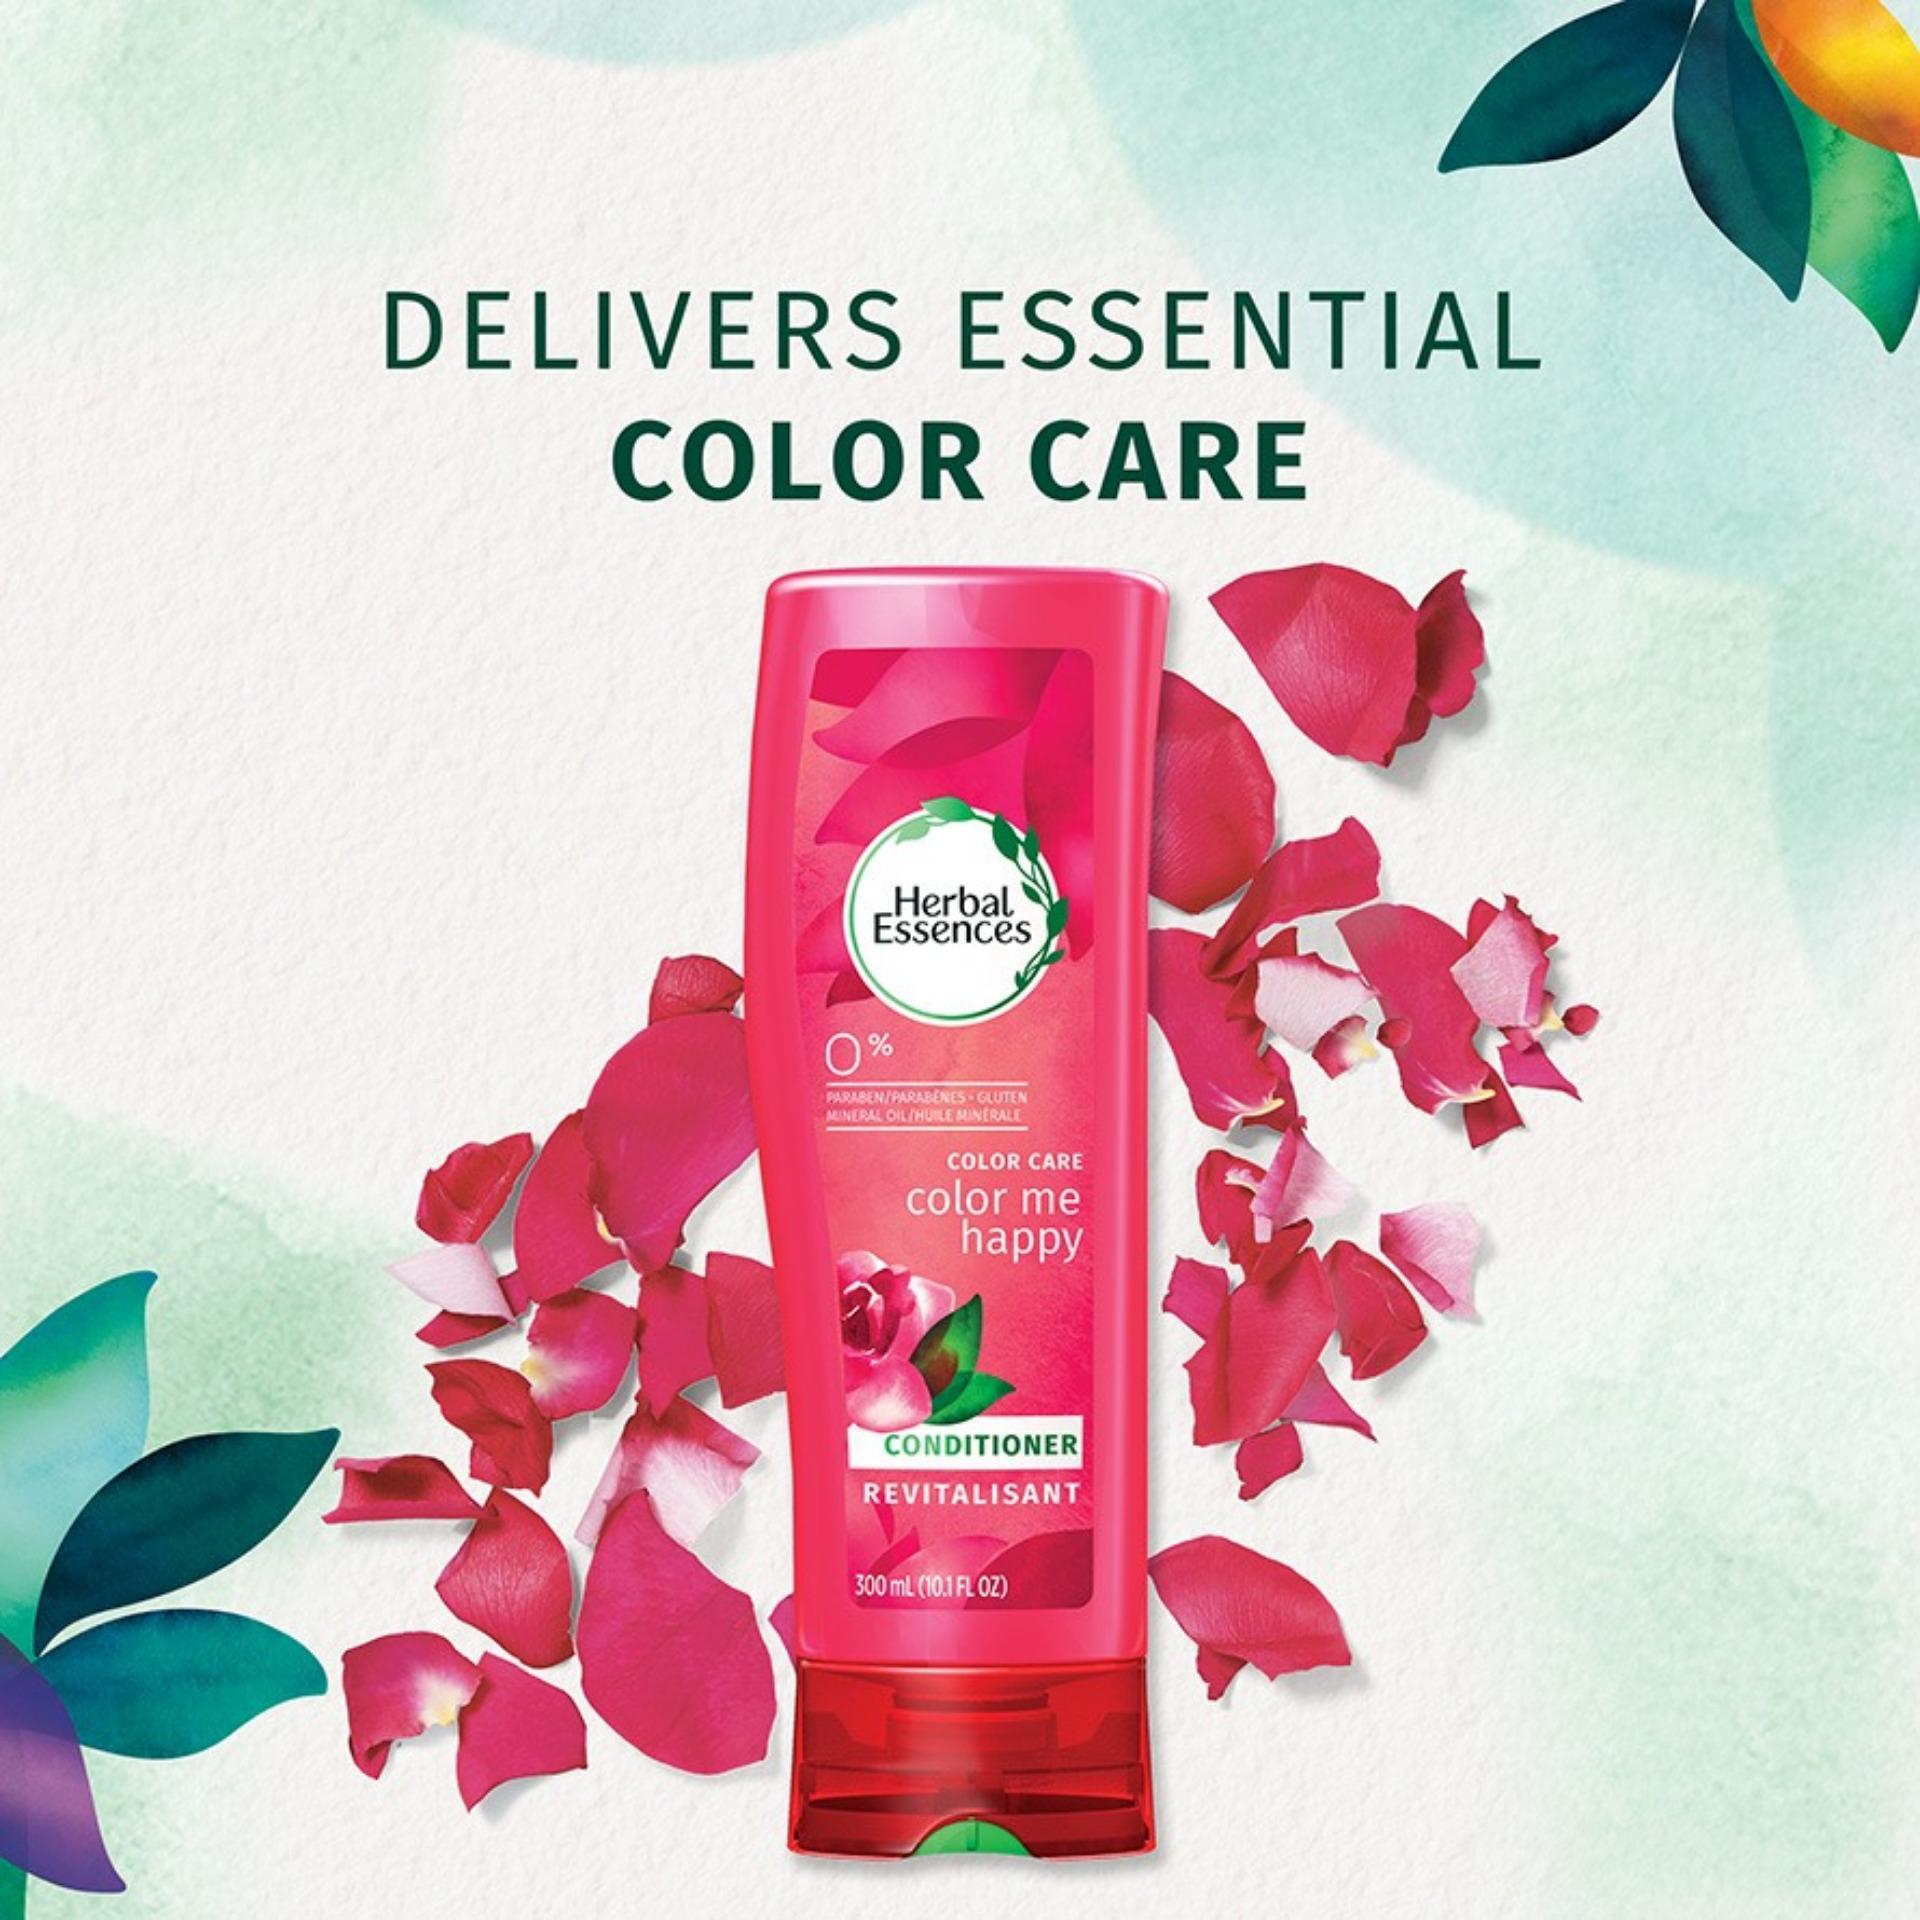 Herbal Essence Sabun Rose Kecil Essences Color Me Happy Conditioner 300ml Made In Usa Untuk Rambut Dicat